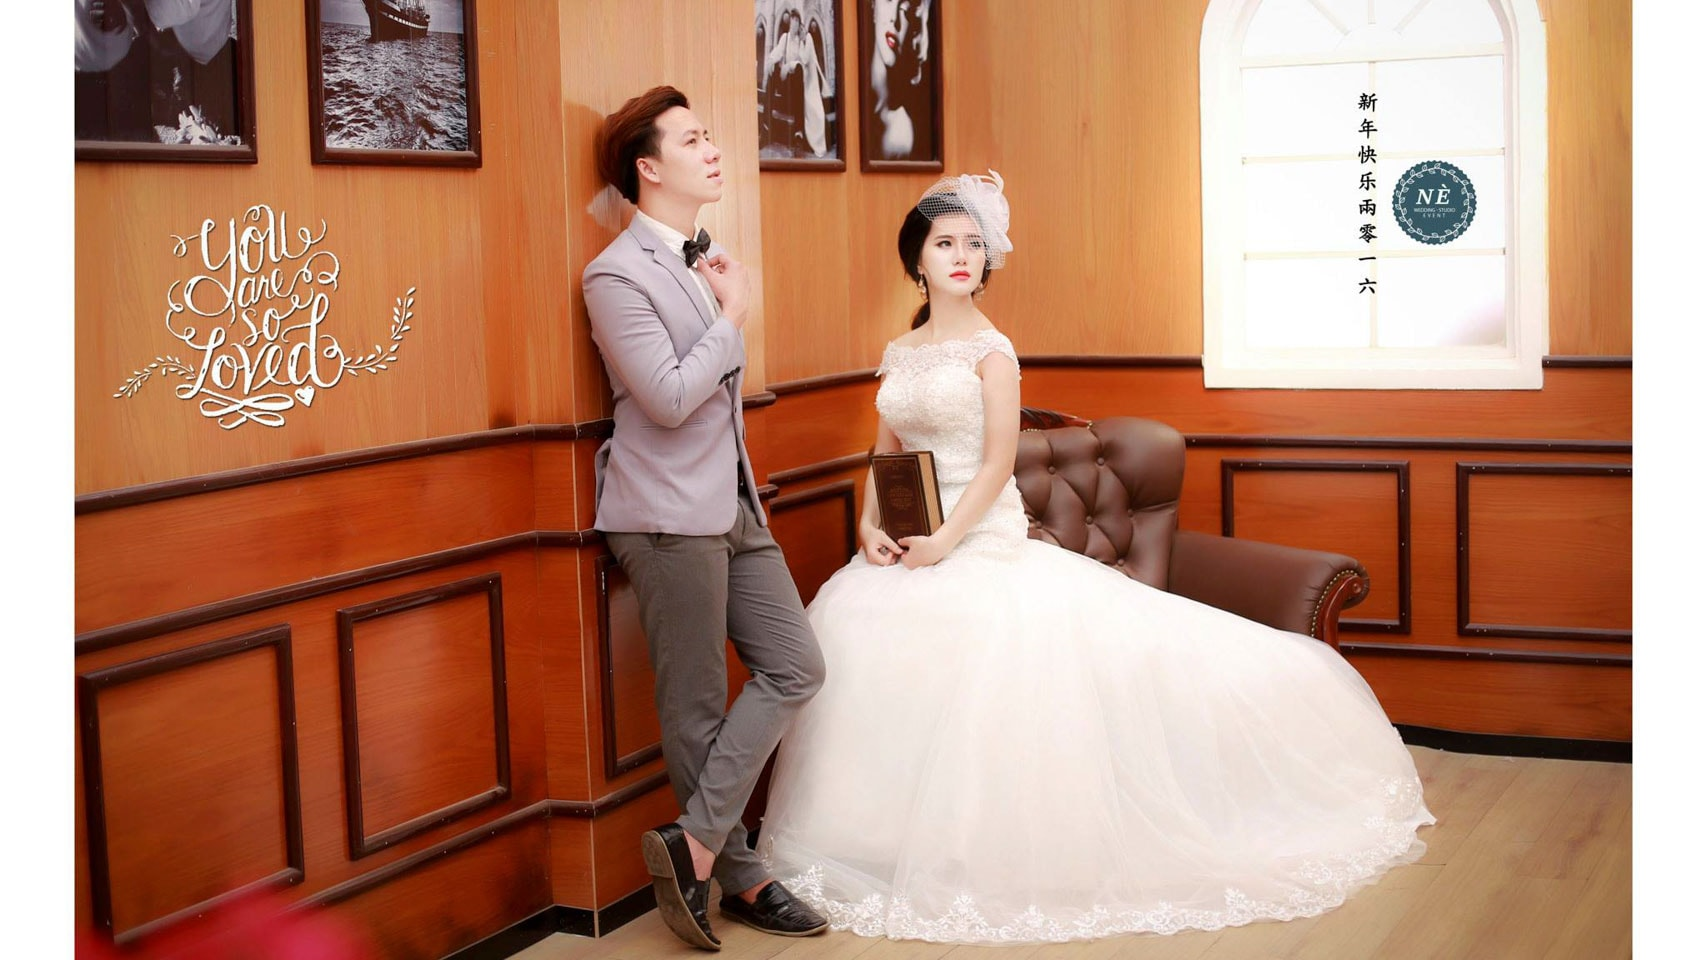 GOADESIGN Thiết Kế Phim Trường Amor Đồng Nai (47)